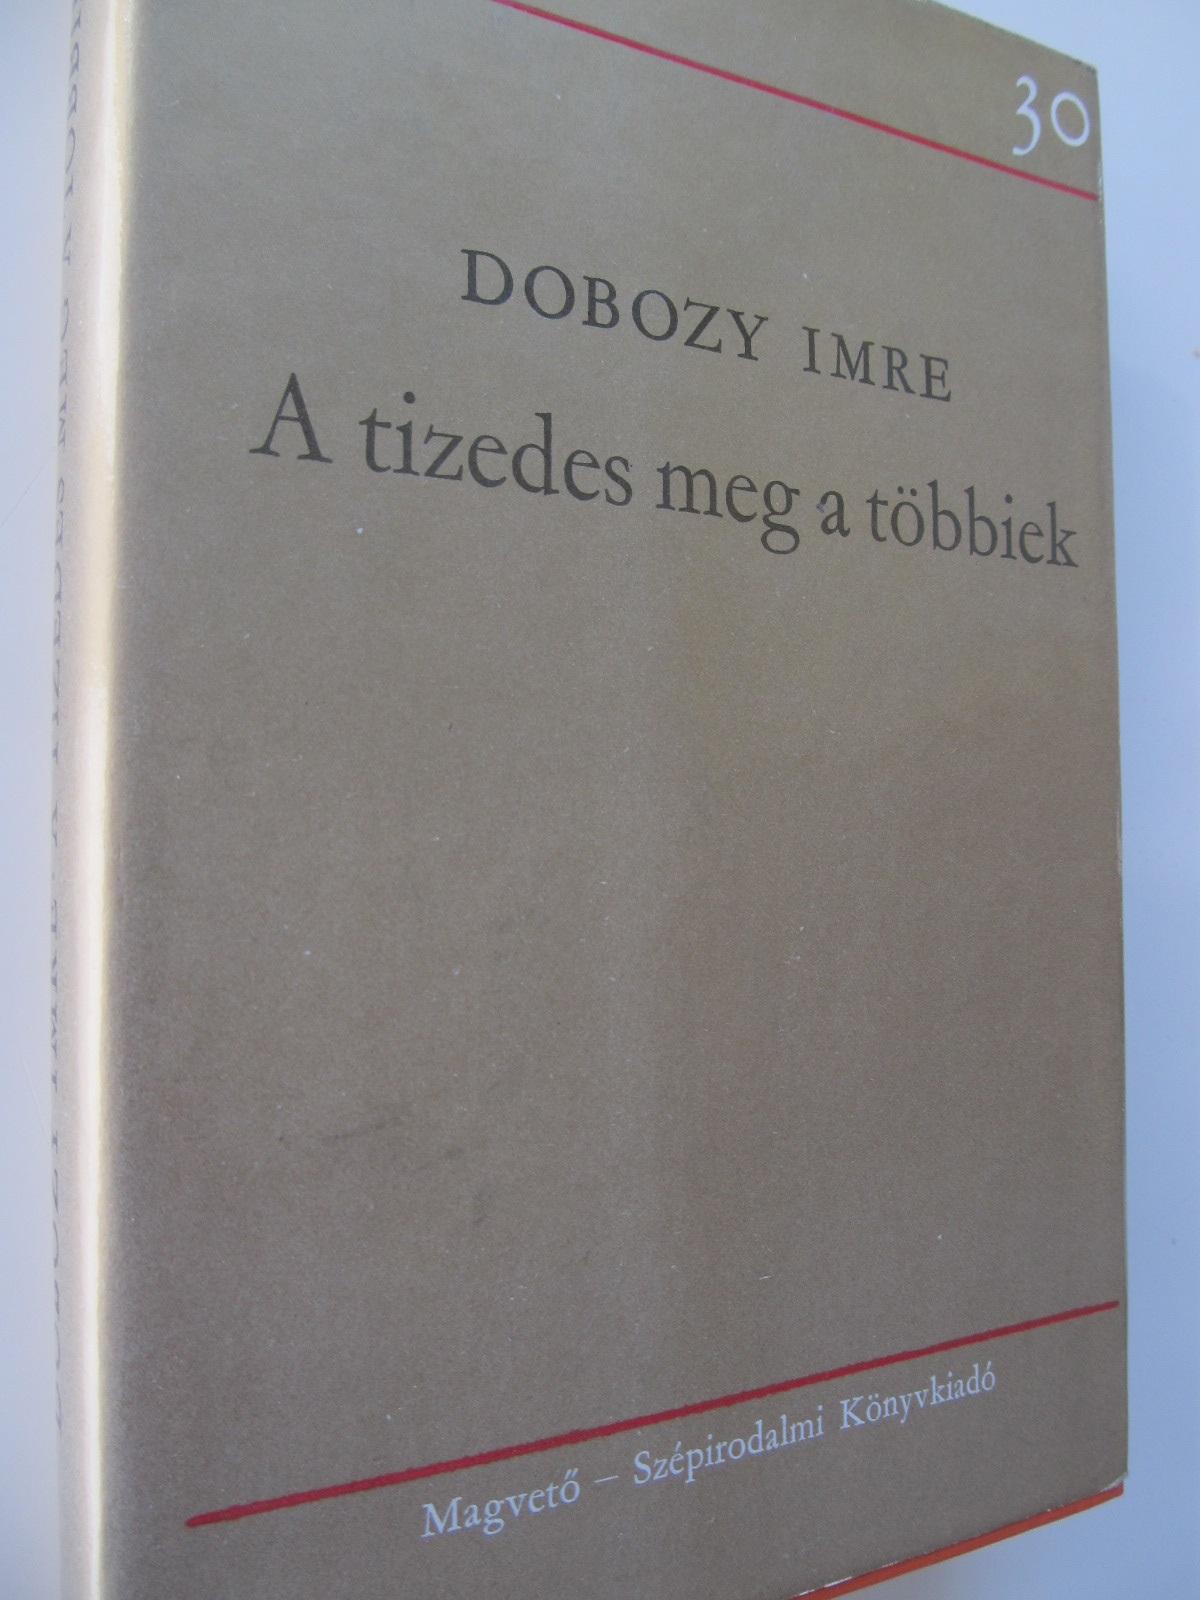 A tizedes meg a tobbiek - Dobozy Imre | Detalii carte